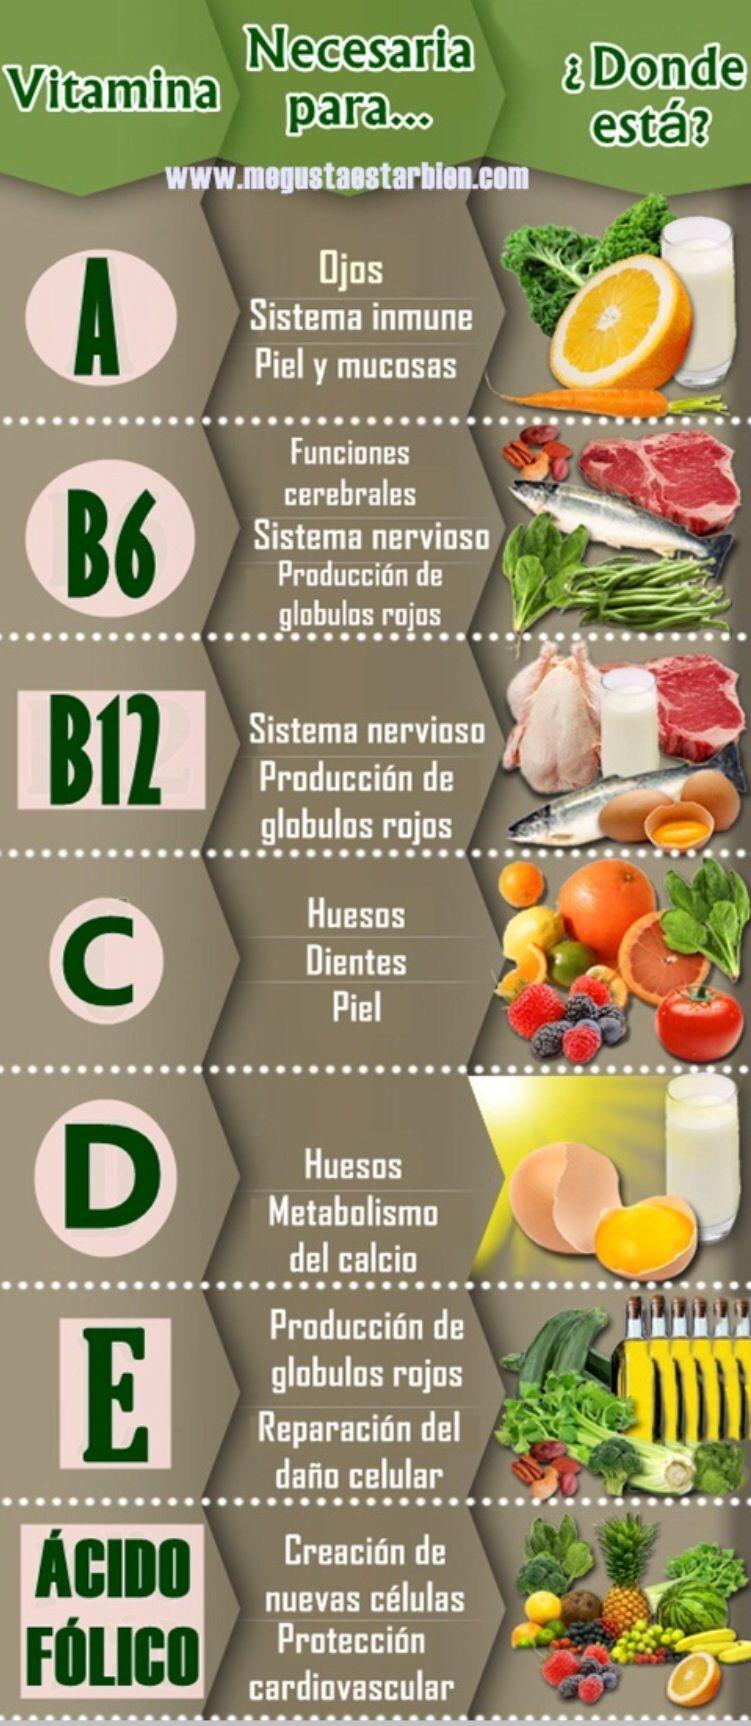 Resultado de imagen de Cuadro de Vitaminas y su remedio natural